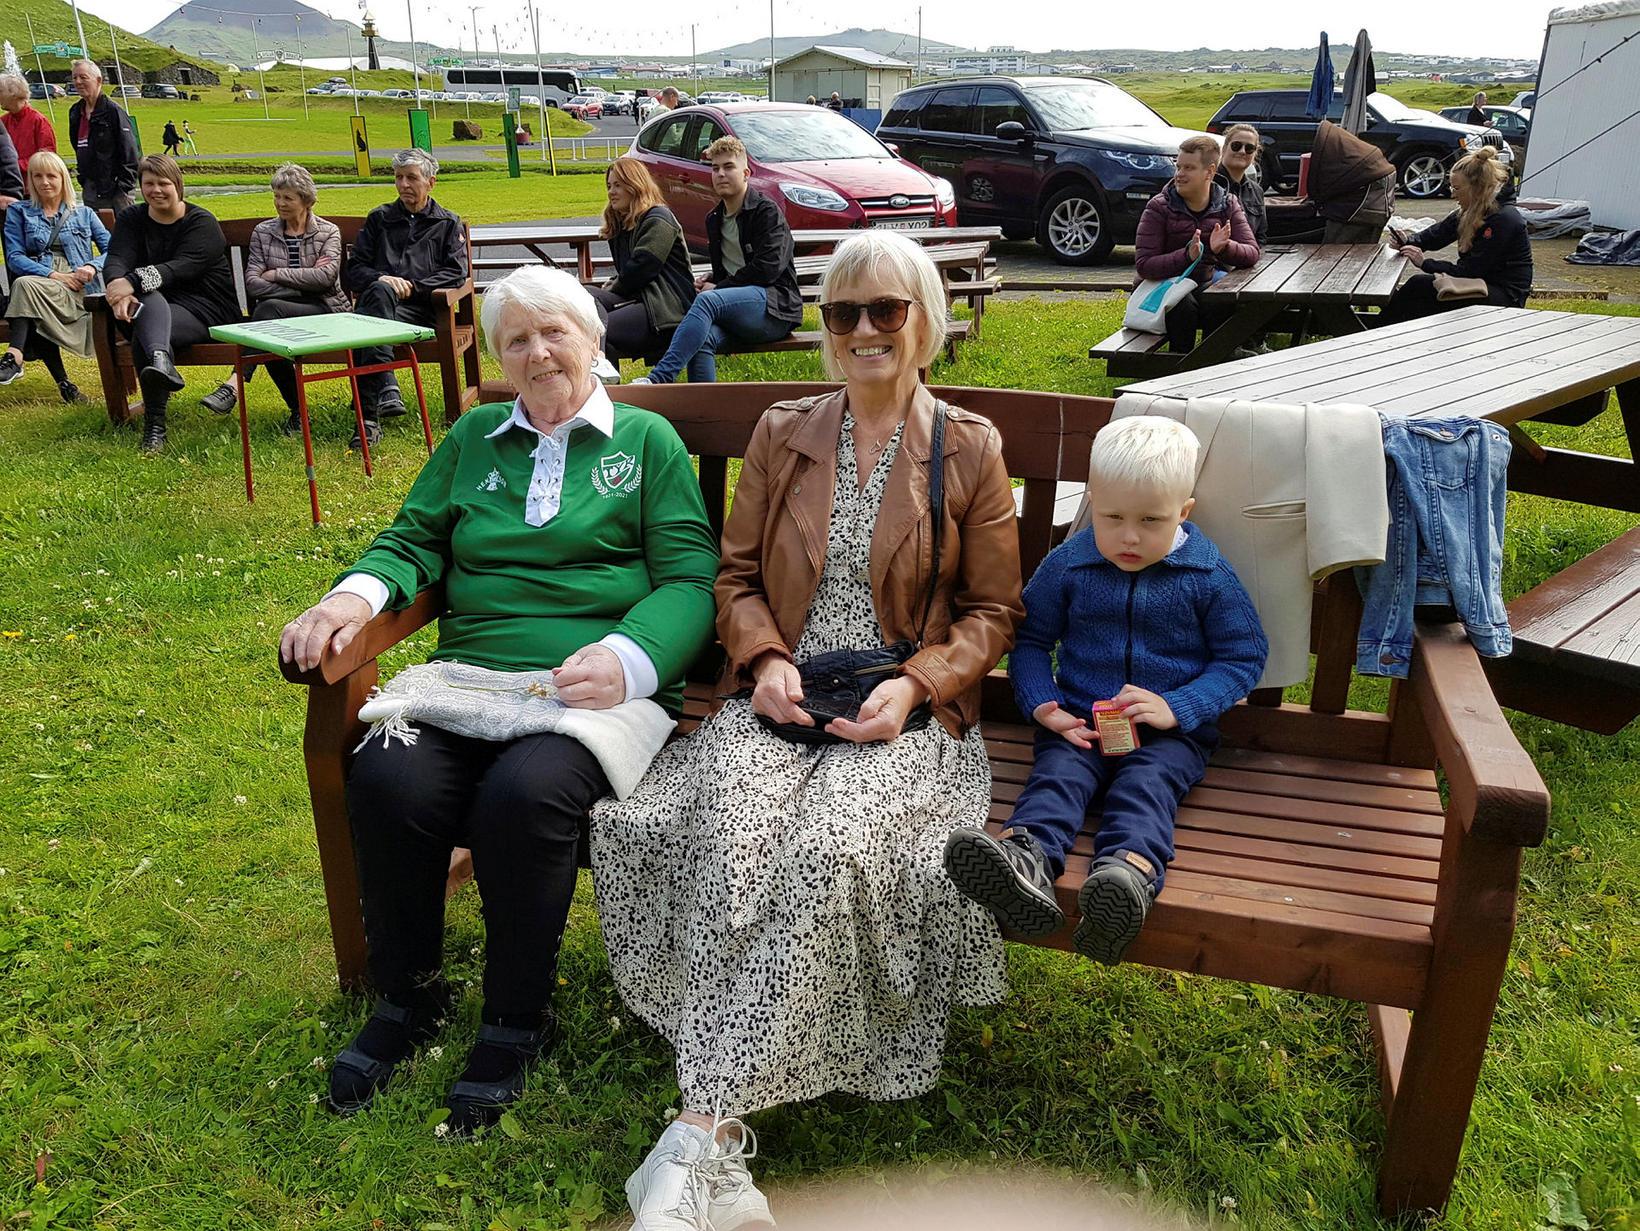 Mæðgurnar Guðný Gunnlaugsdóttir og Guðný Jensdóttir og dóttursonurinn, Bjartur Unnþórsson, …